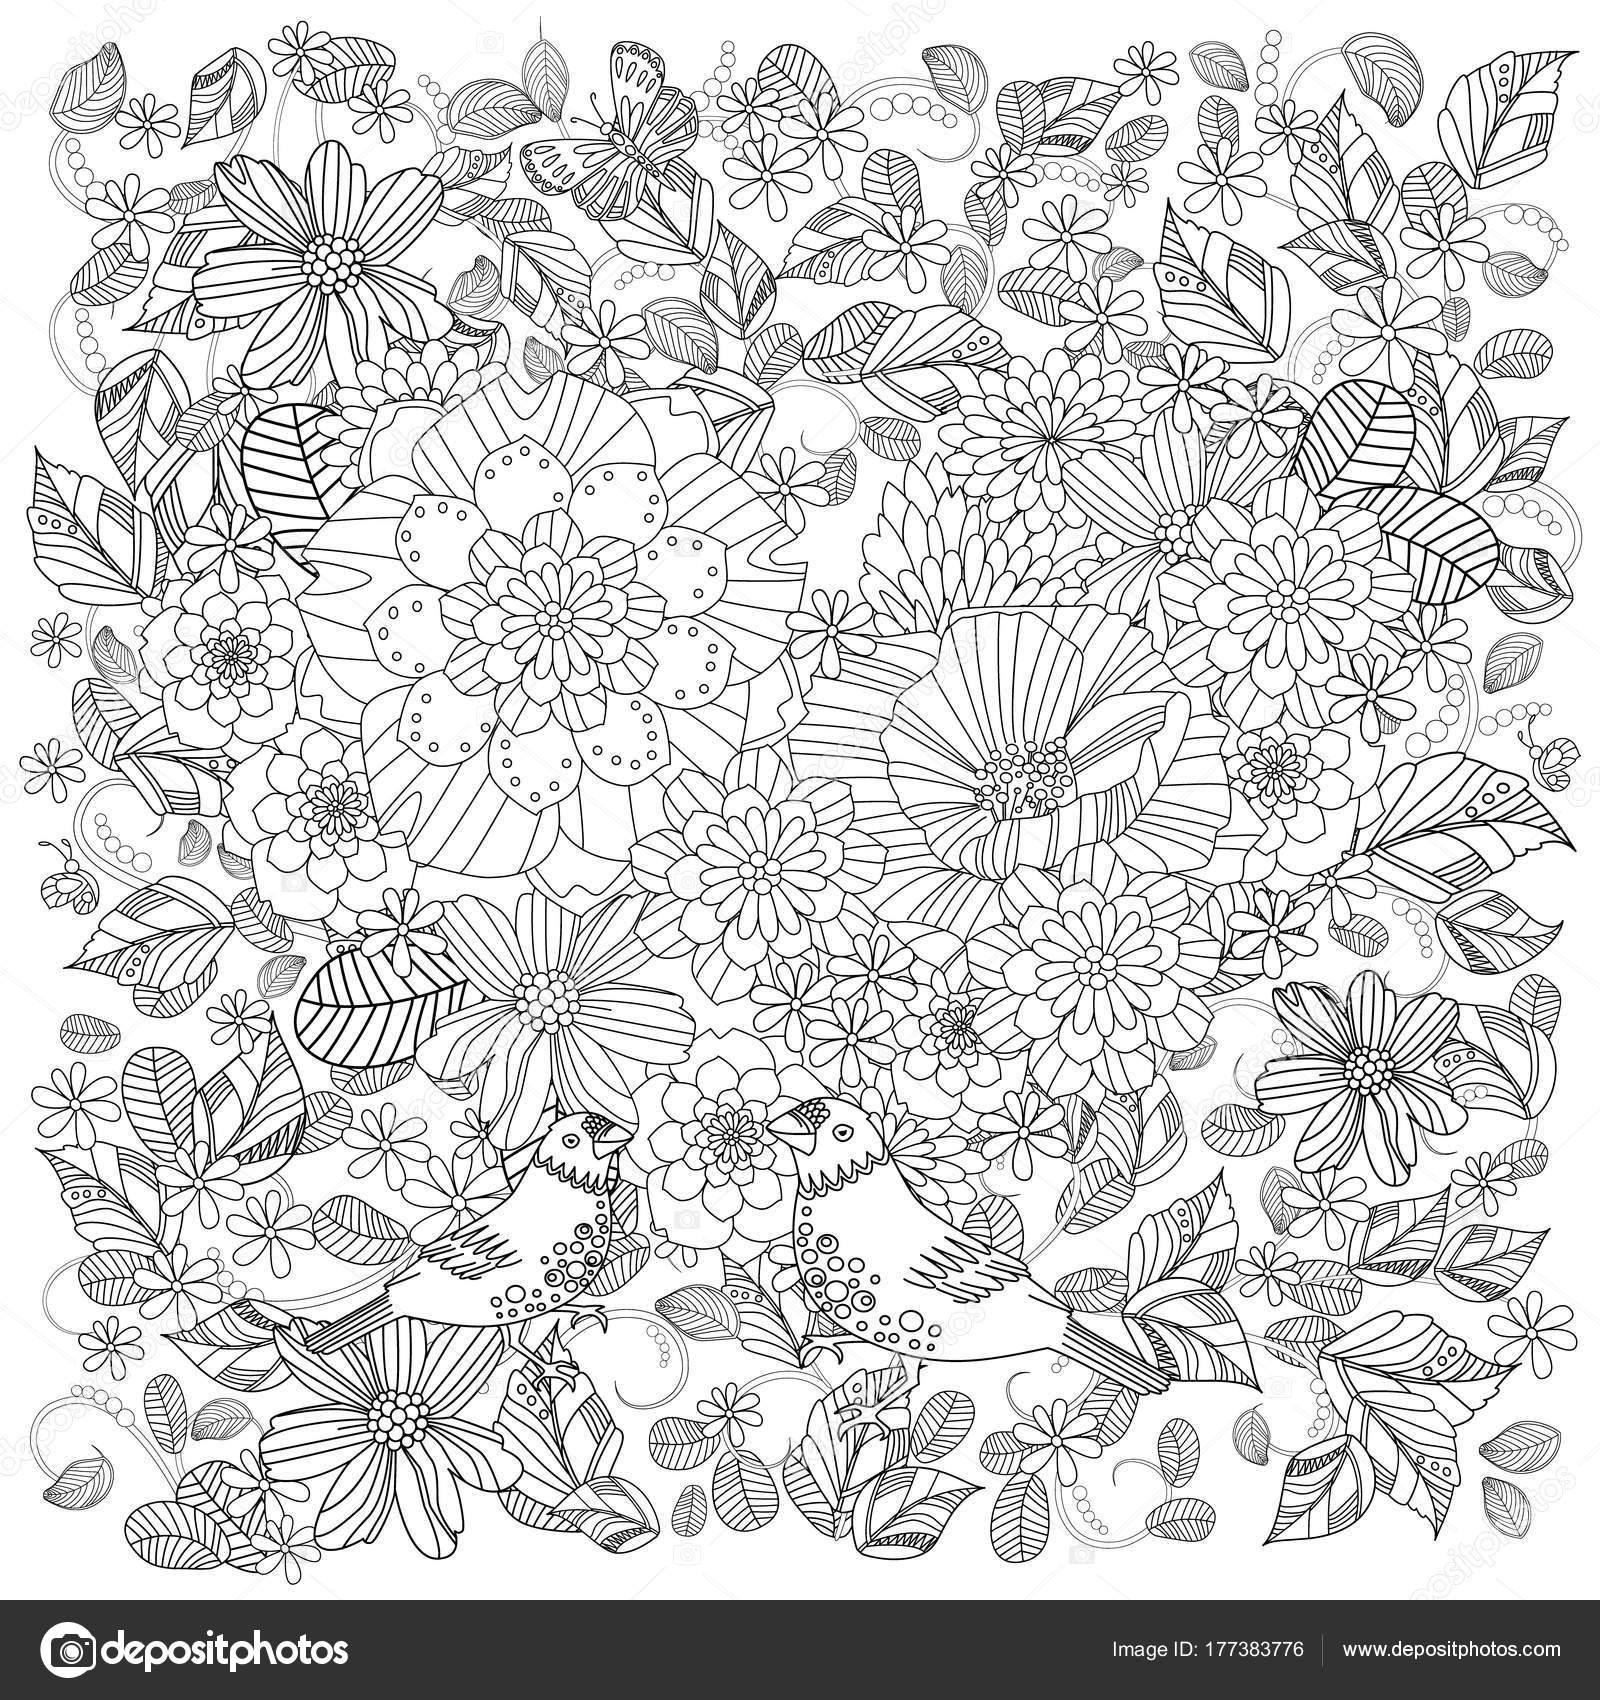 Jardín Flores Fantasia Con Pareja Aves Lindas Para Libro Colorear ...